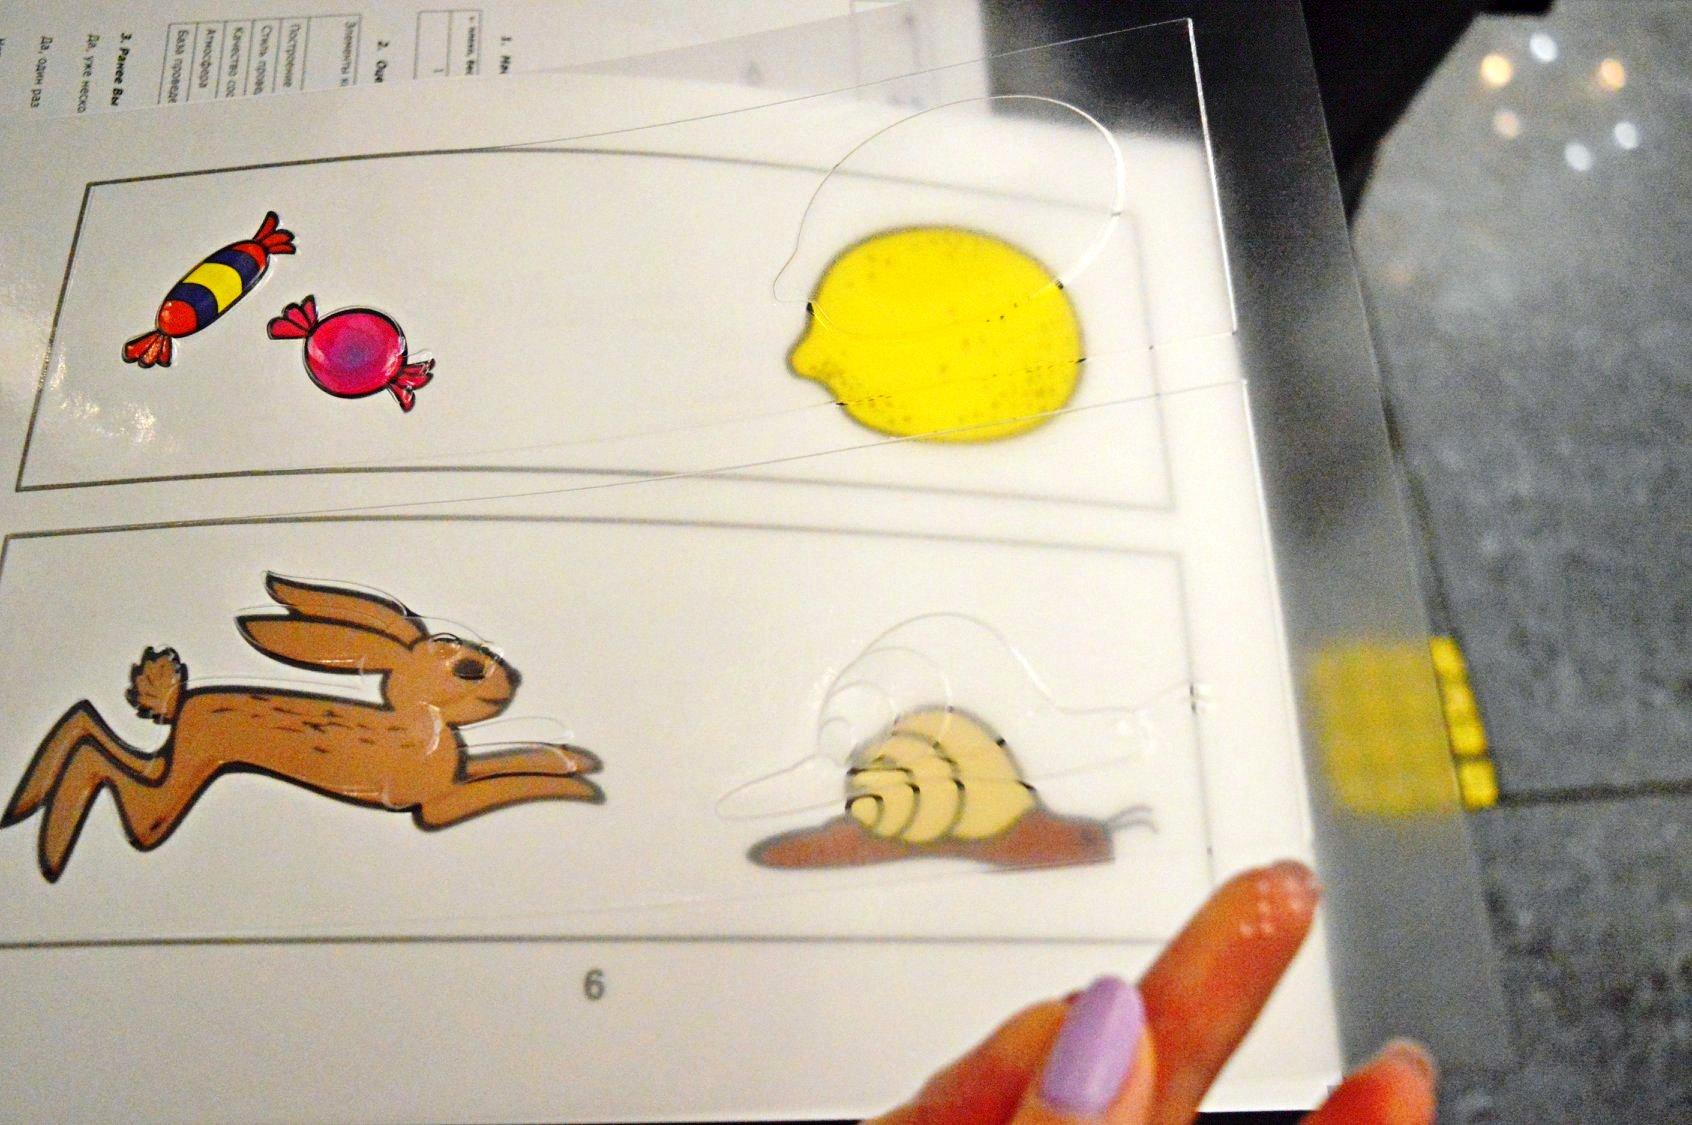 Unser Foto zeigt ein Beispiel für ein inklusives Bilderbuch mit tastbaren Bildern.